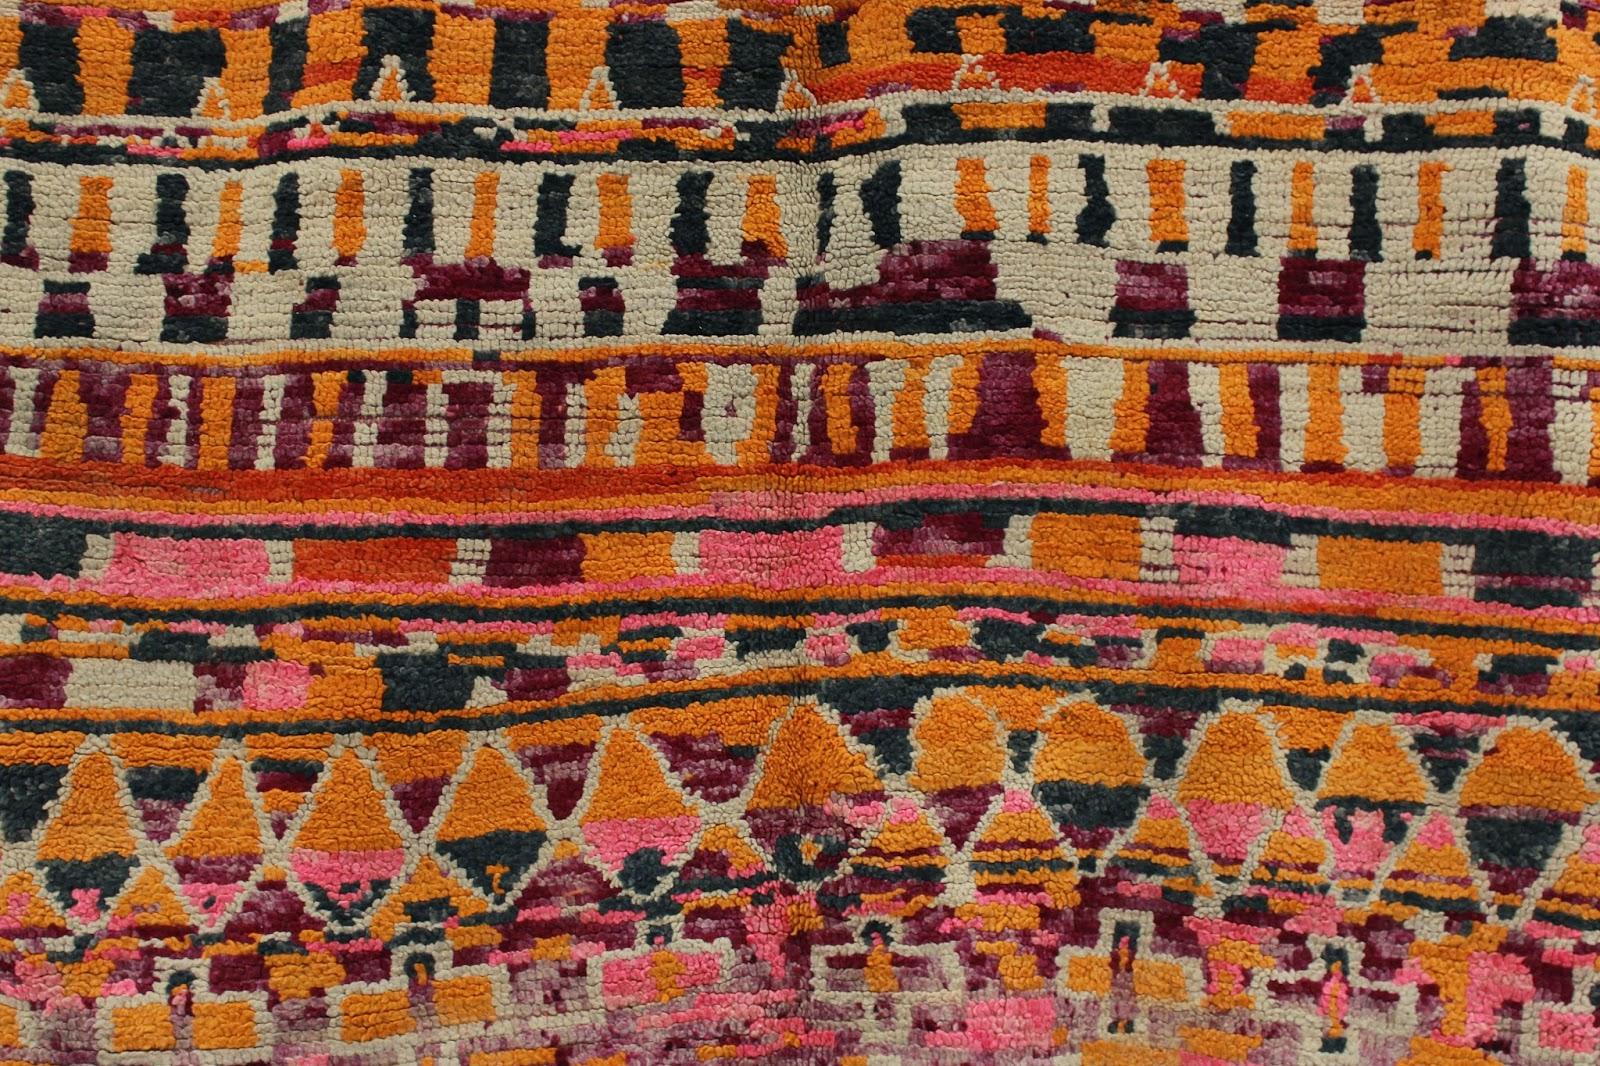 hayallerim delorean ve sen marokkanische teppiche und die kunst der moderne. Black Bedroom Furniture Sets. Home Design Ideas